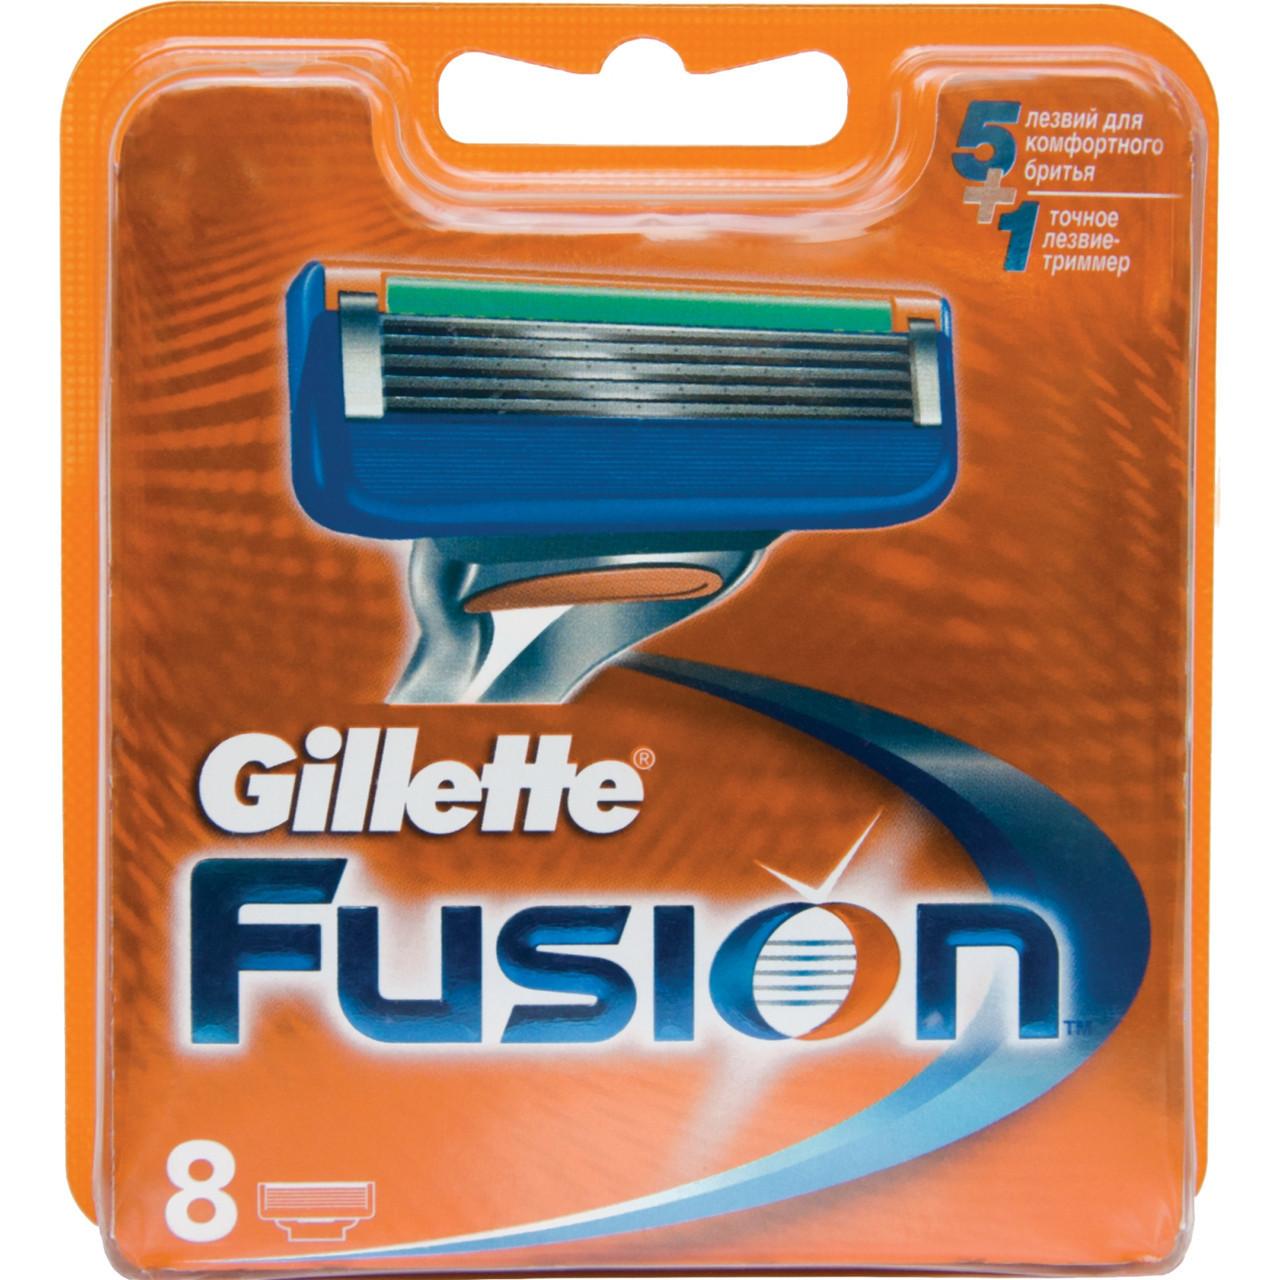 Gilette Fusion ПШТУЧНО, Германия, сменные кассеты для бритья